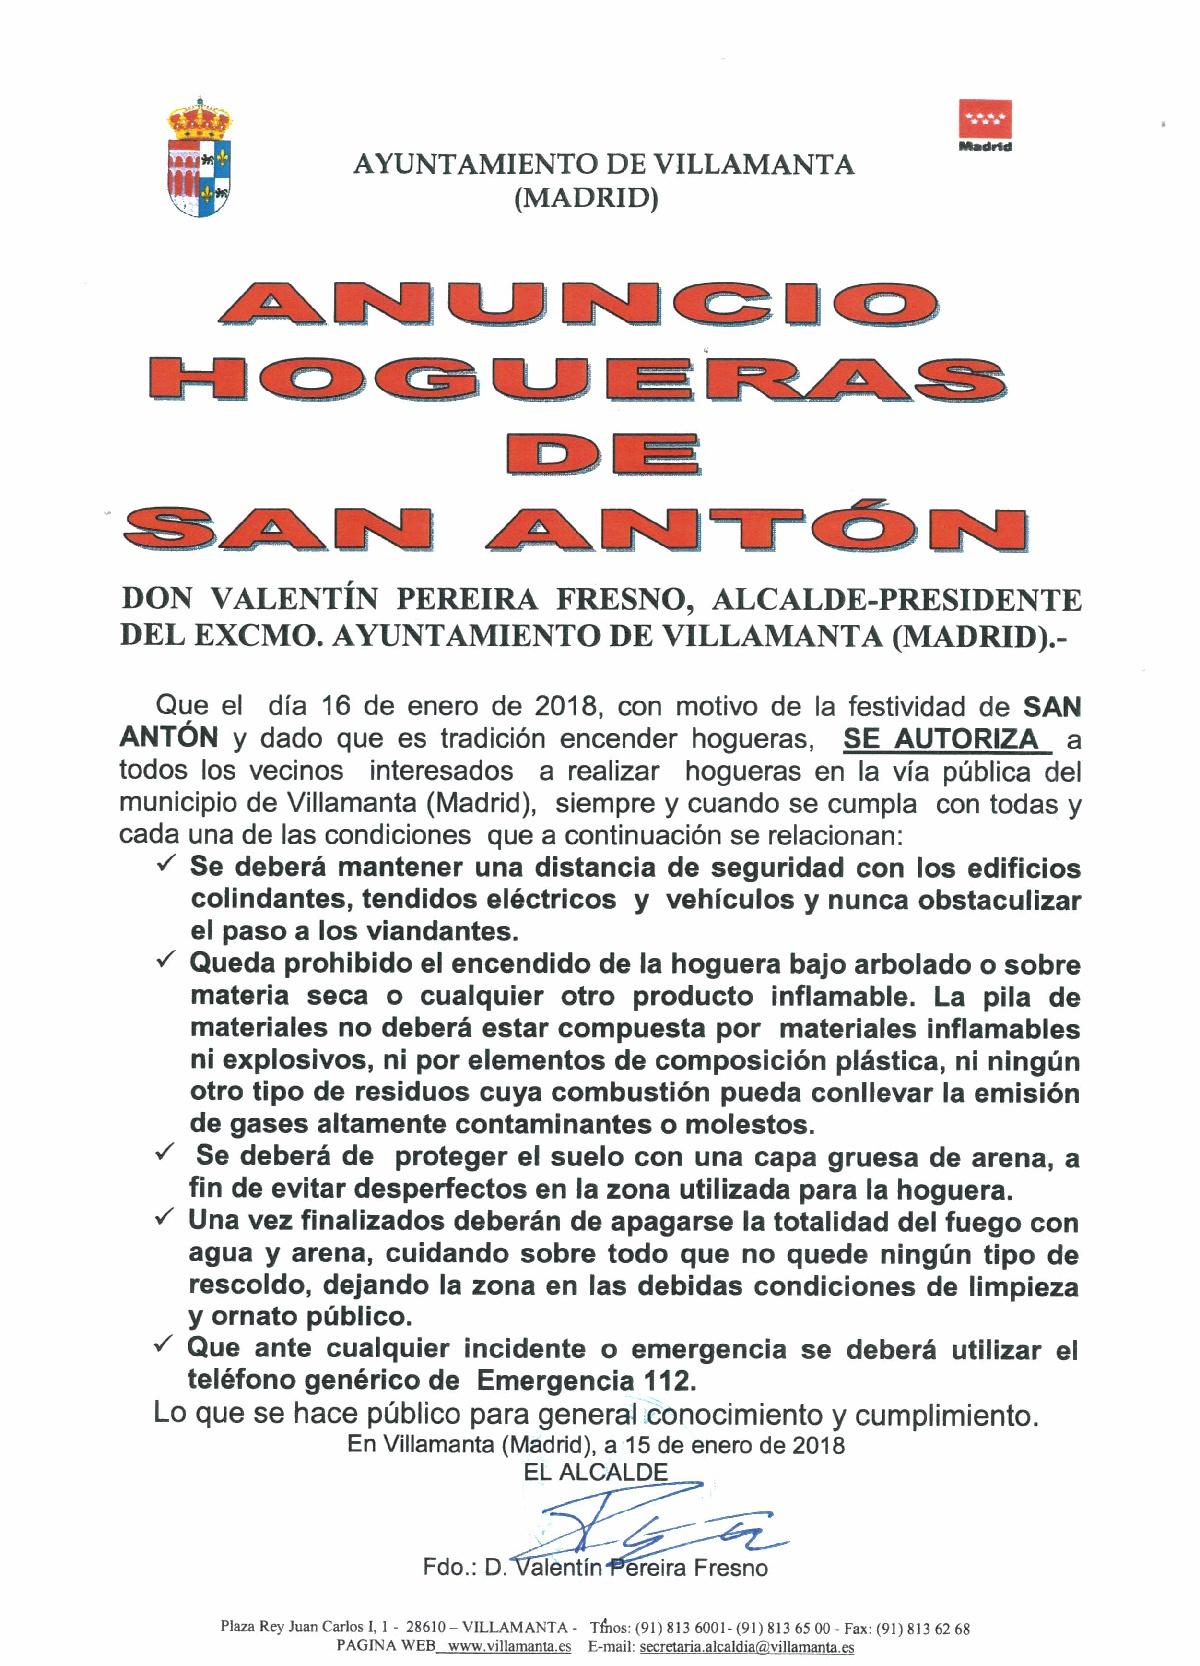 Hogueras de San Antón 16/01/2018